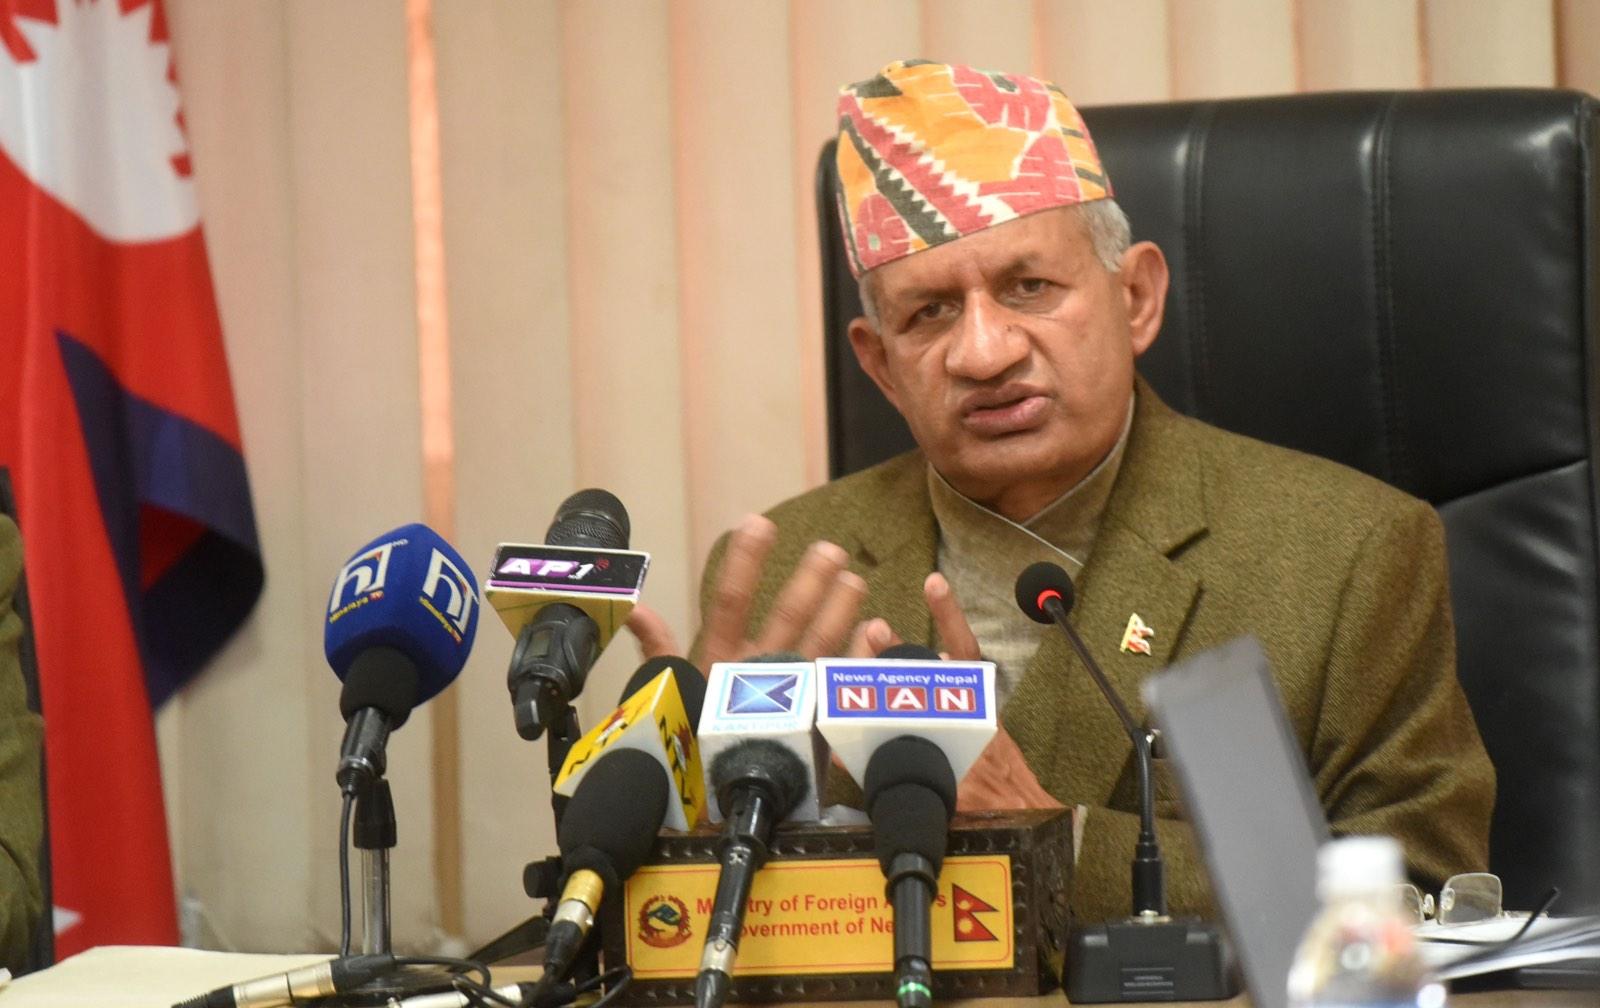 परराष्ट्र मन्त्री पर्सी भारत जाने, उच्च राजनीतिक भेटघाट गर्ने